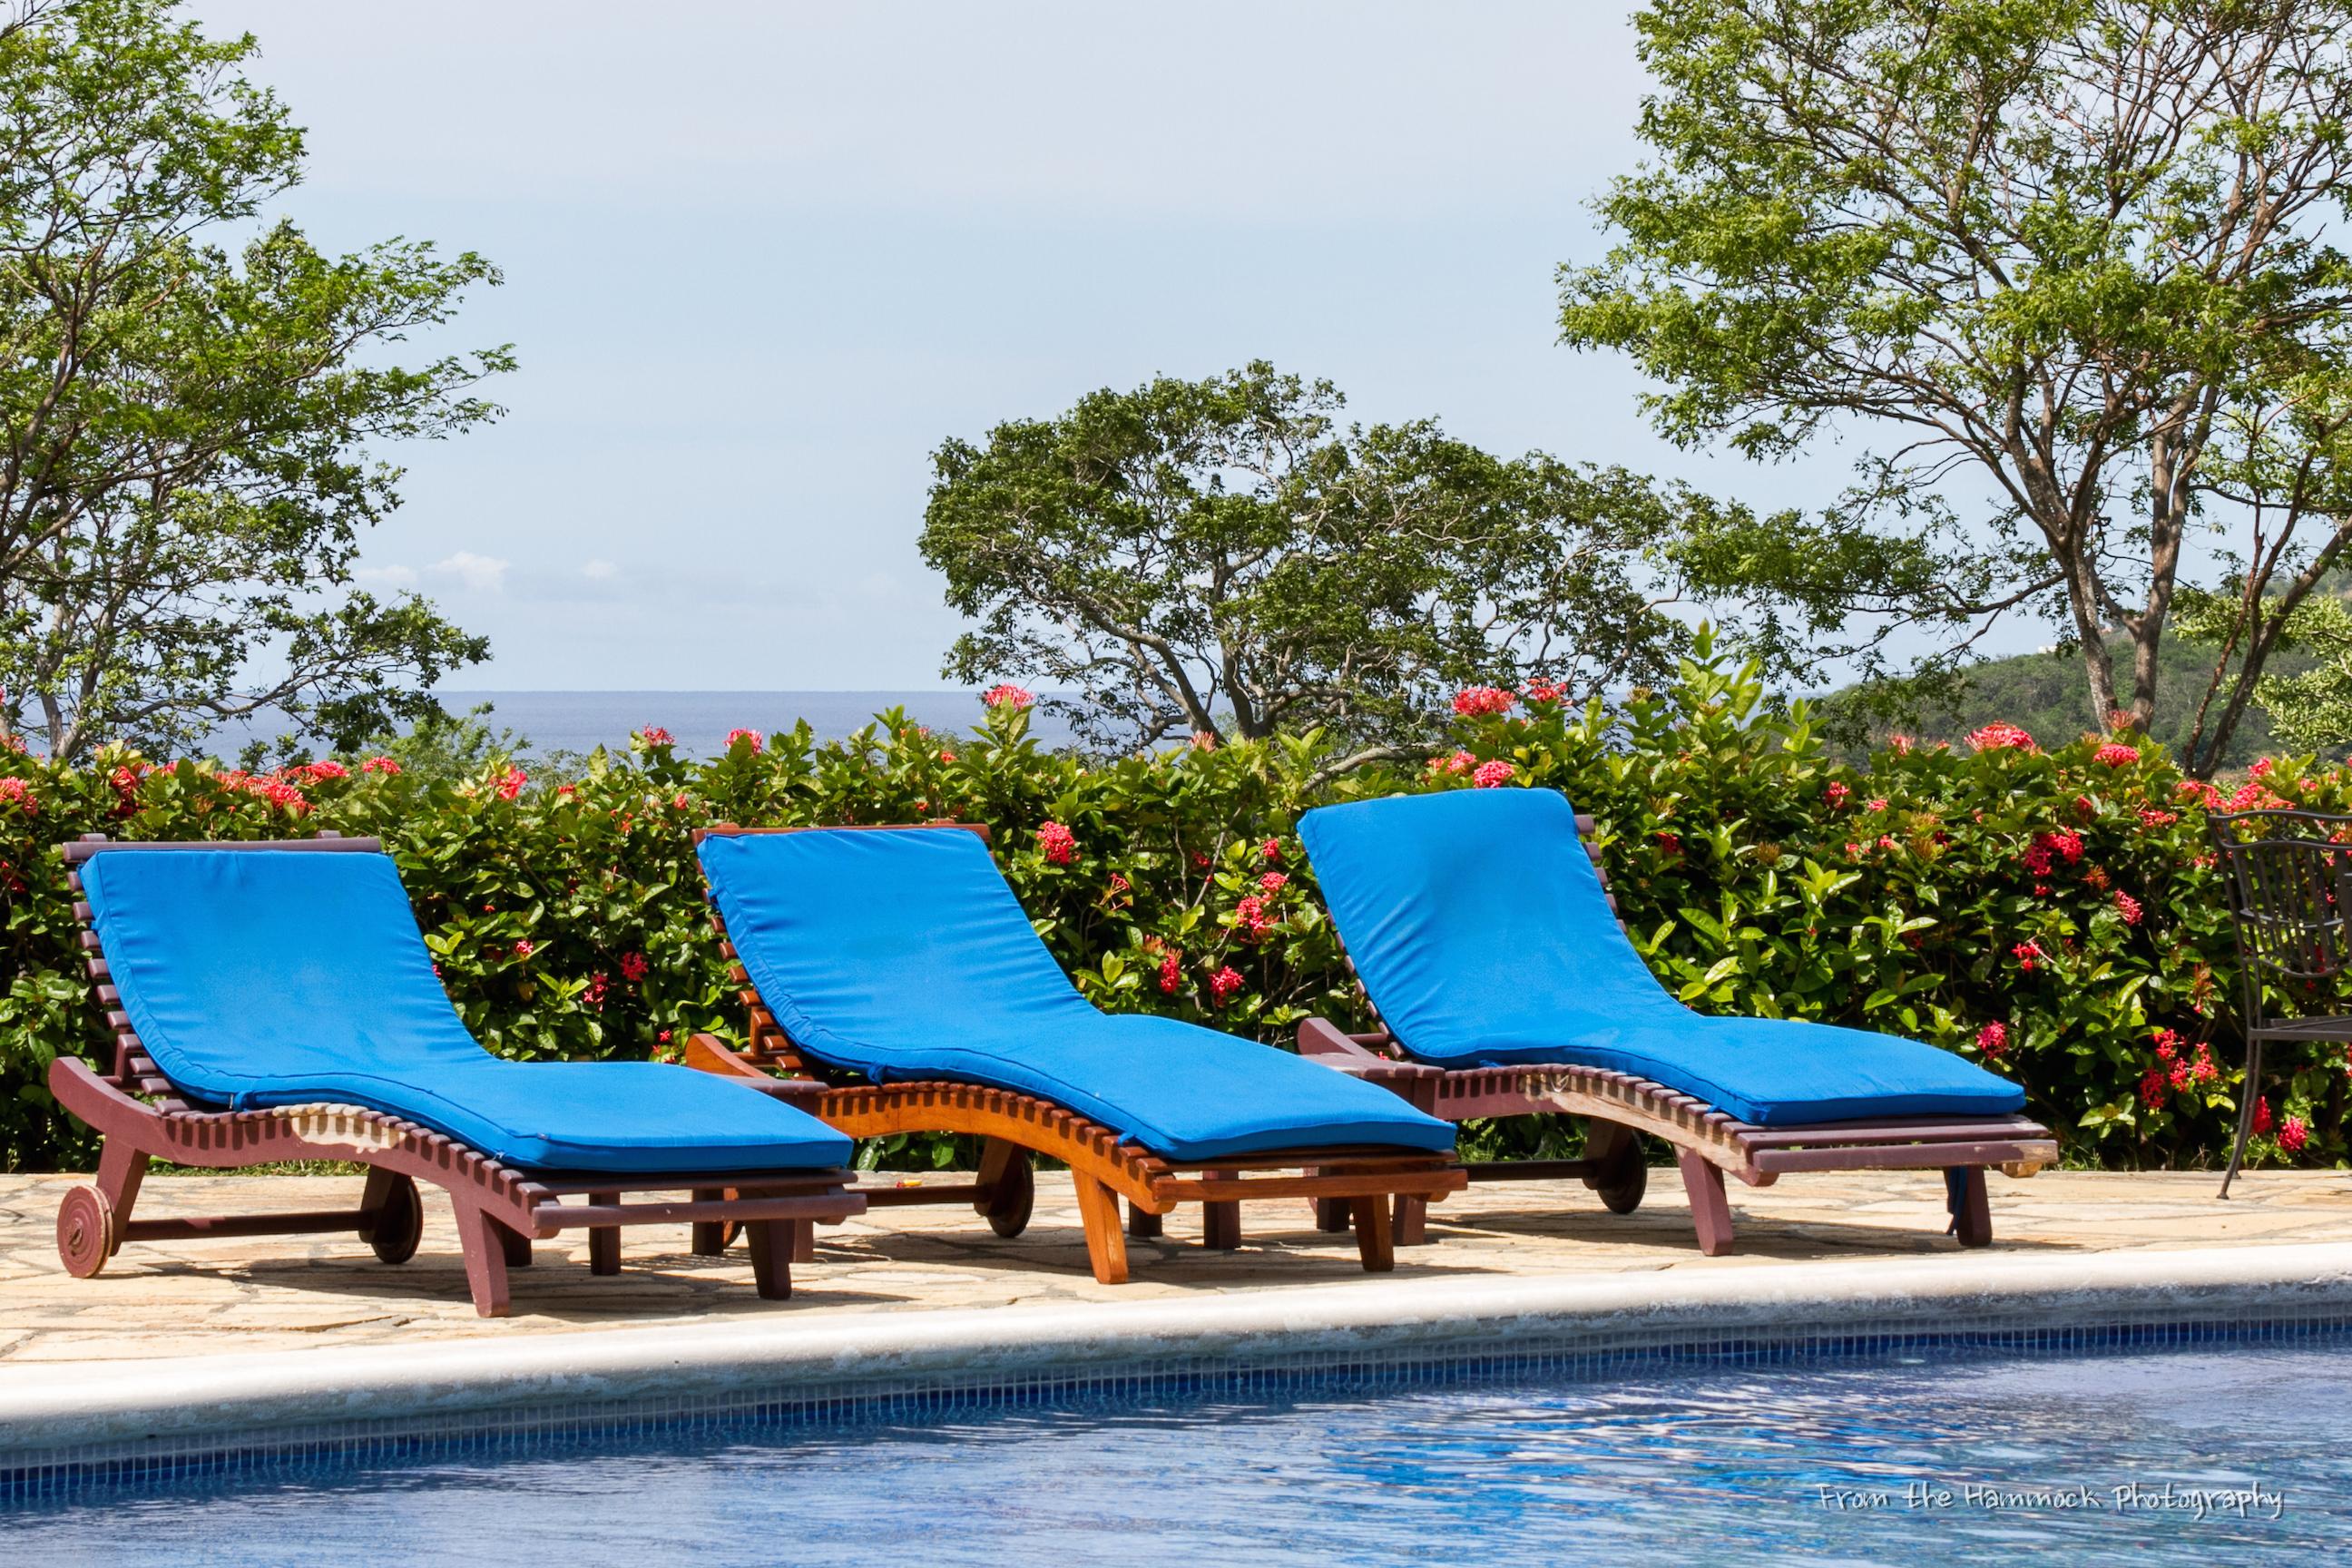 Pool at Palermo Hotel and Resort San Juan del Sur, Nicaragua